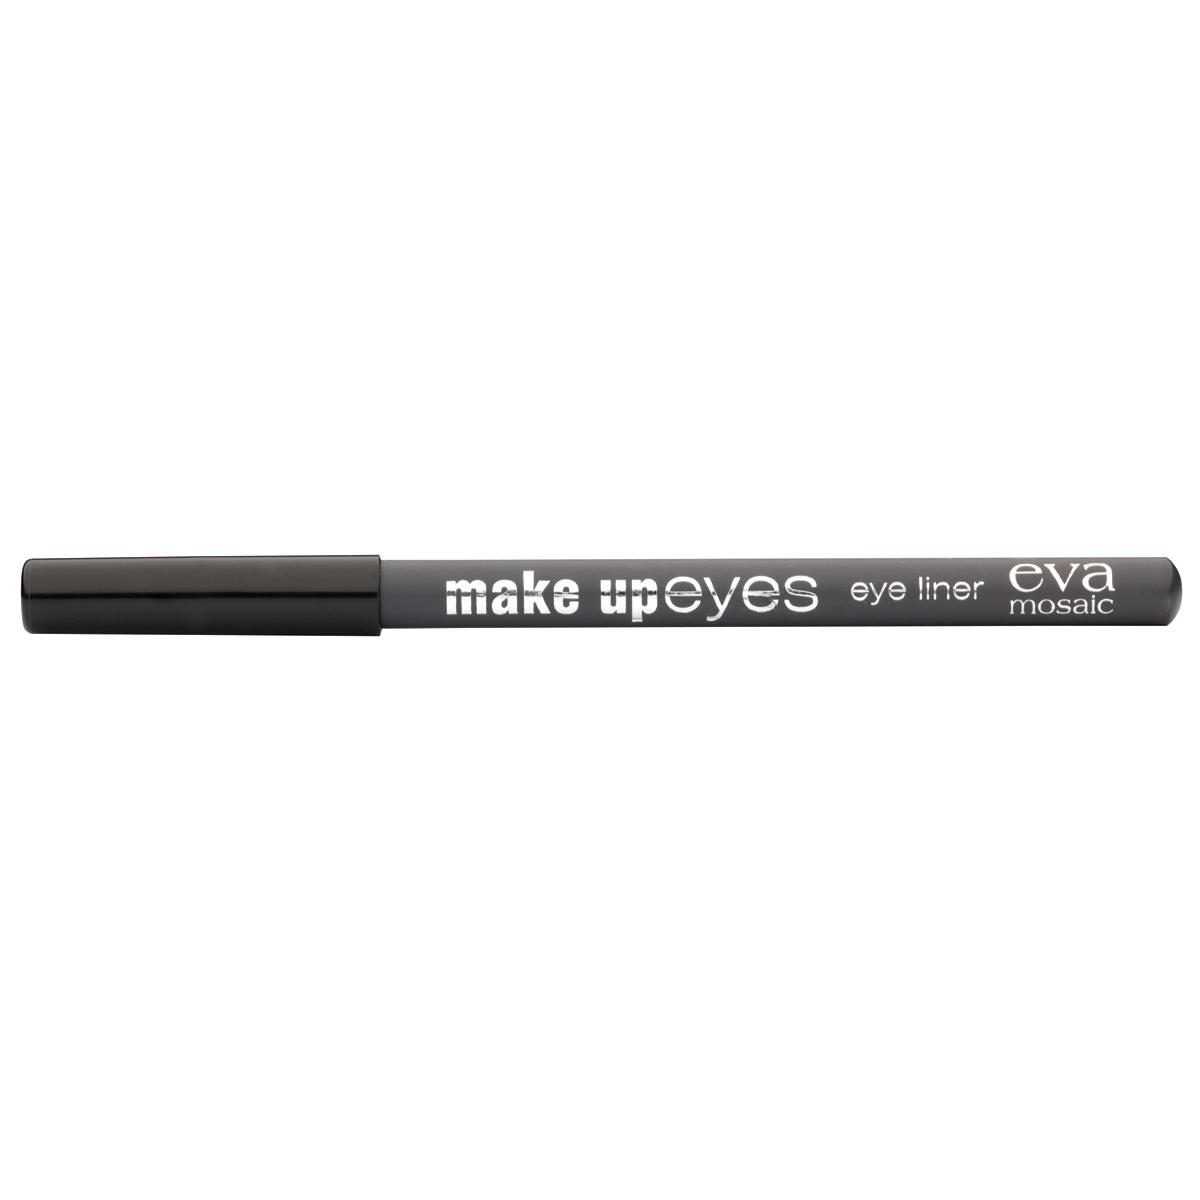 Eva Mosaic Карандаш для глаз Make Up Eyes, 1,1 г, Серый